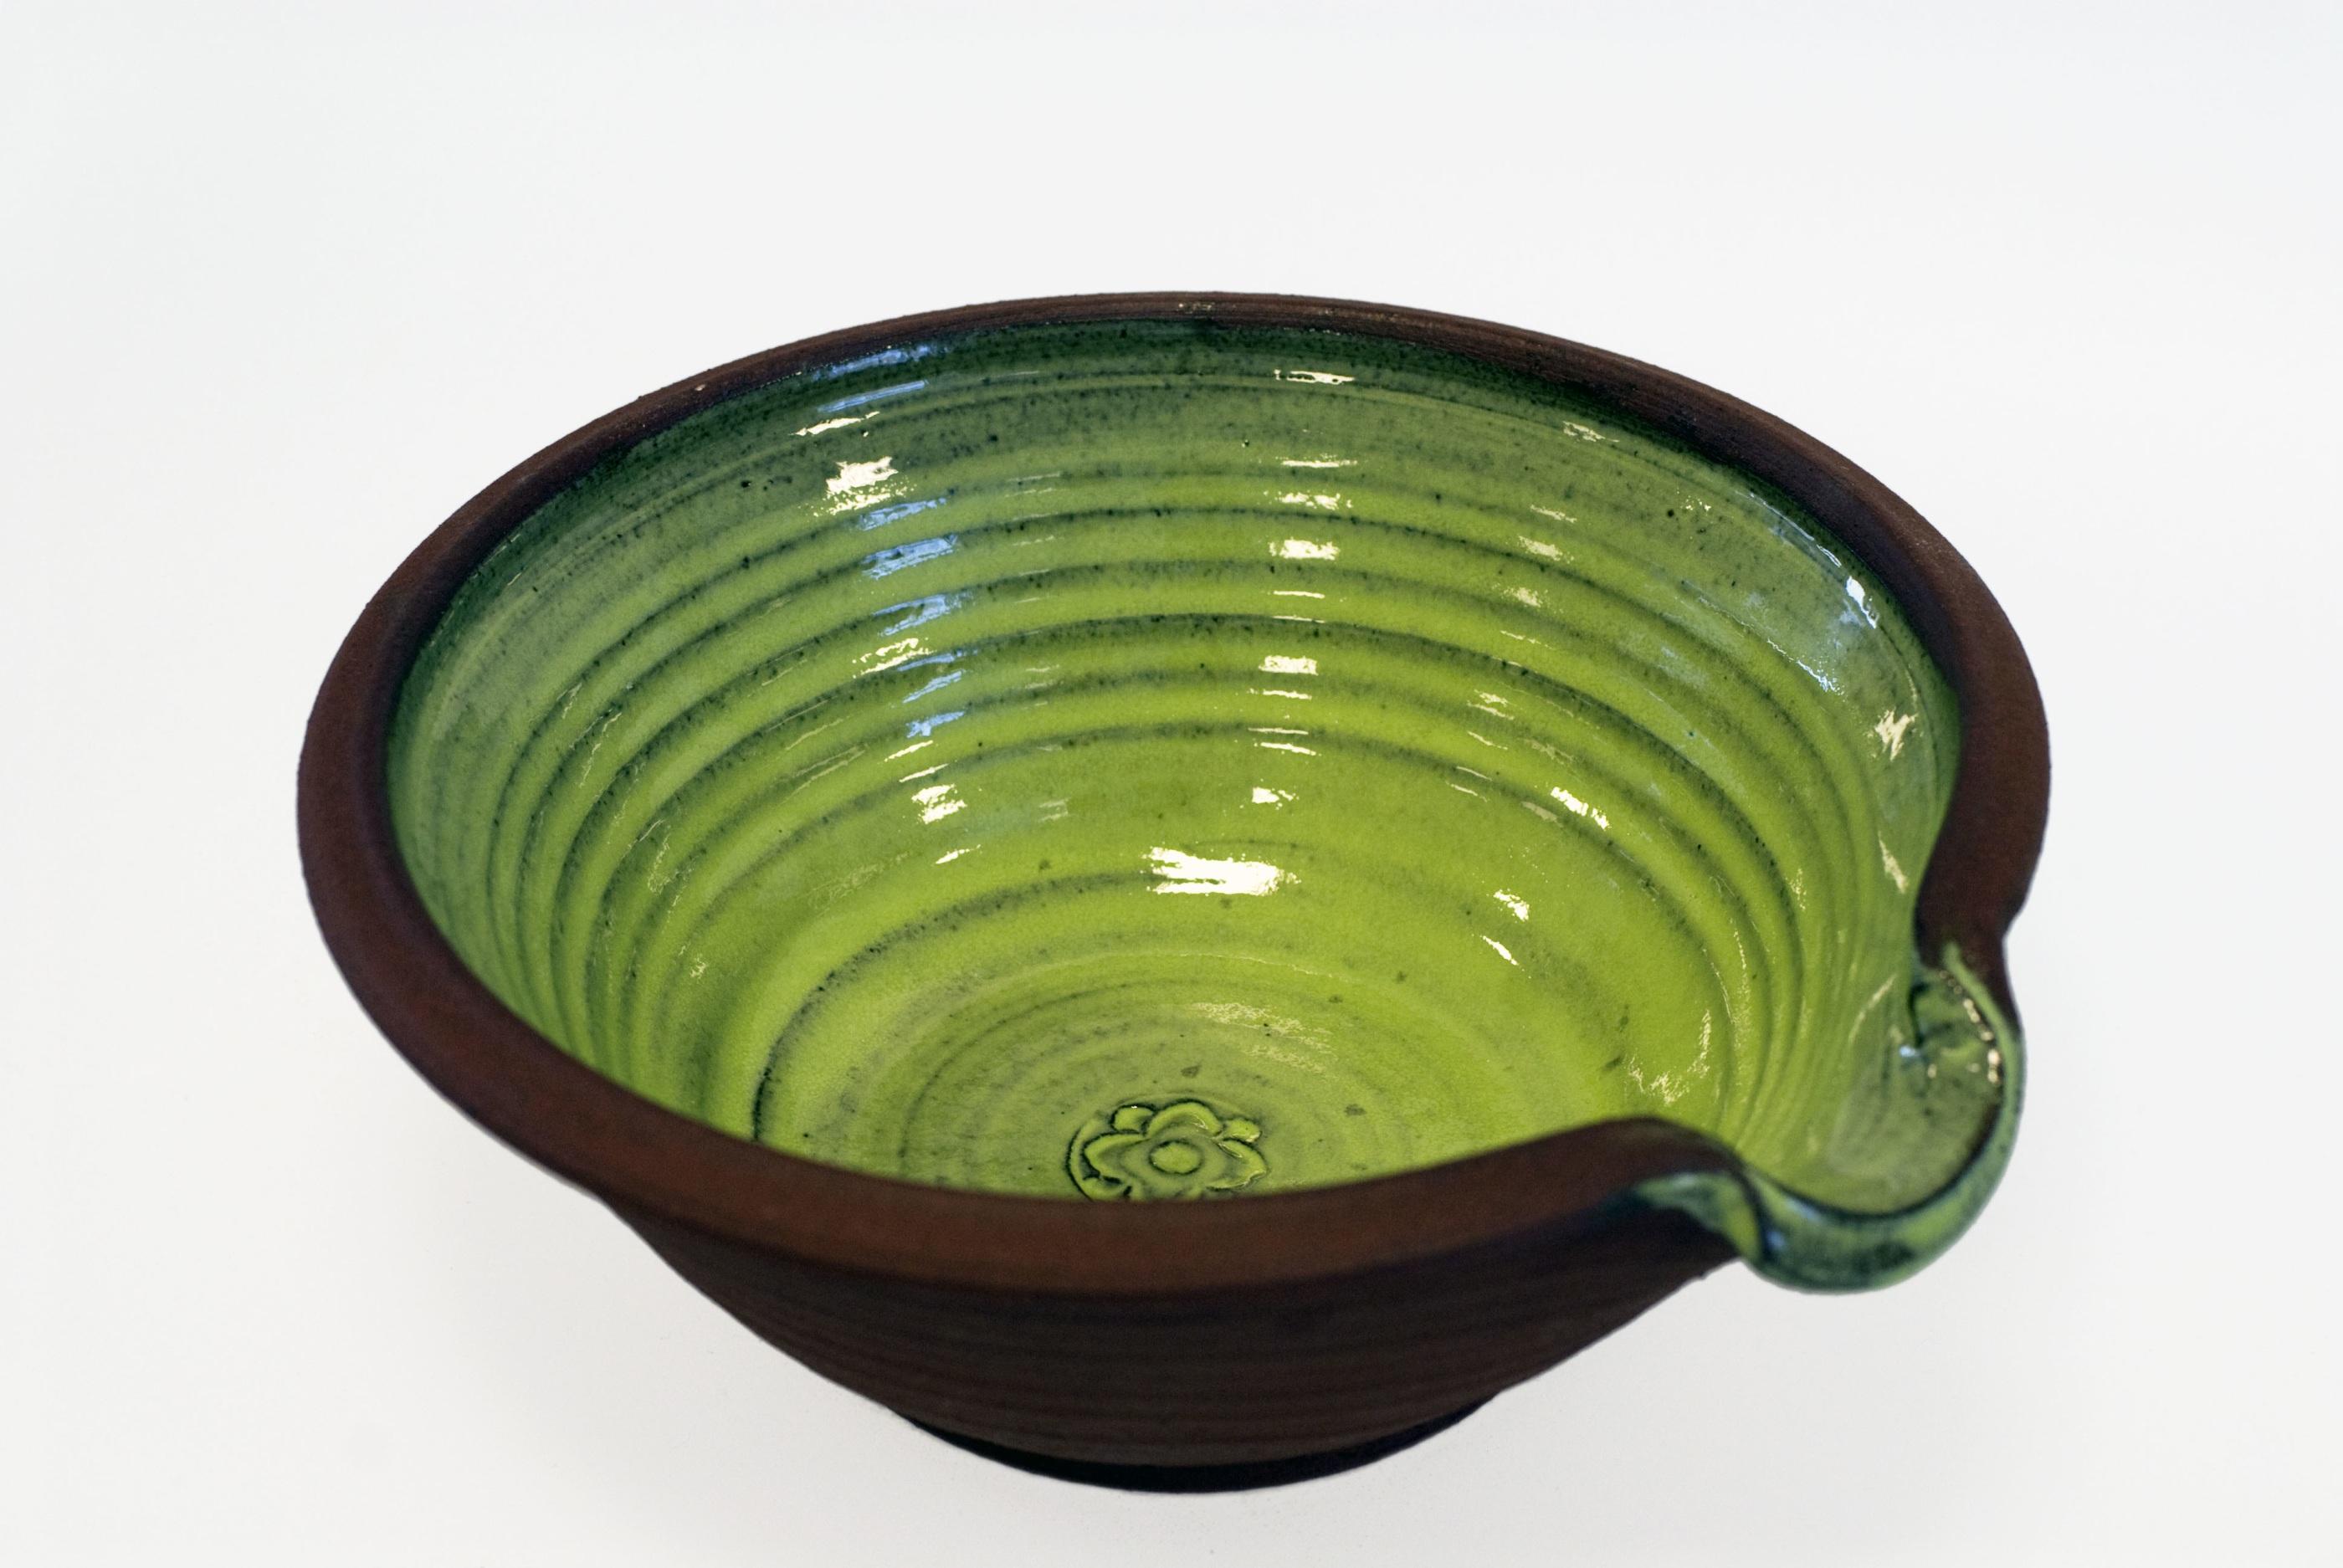 Handdrejad grön spillkum